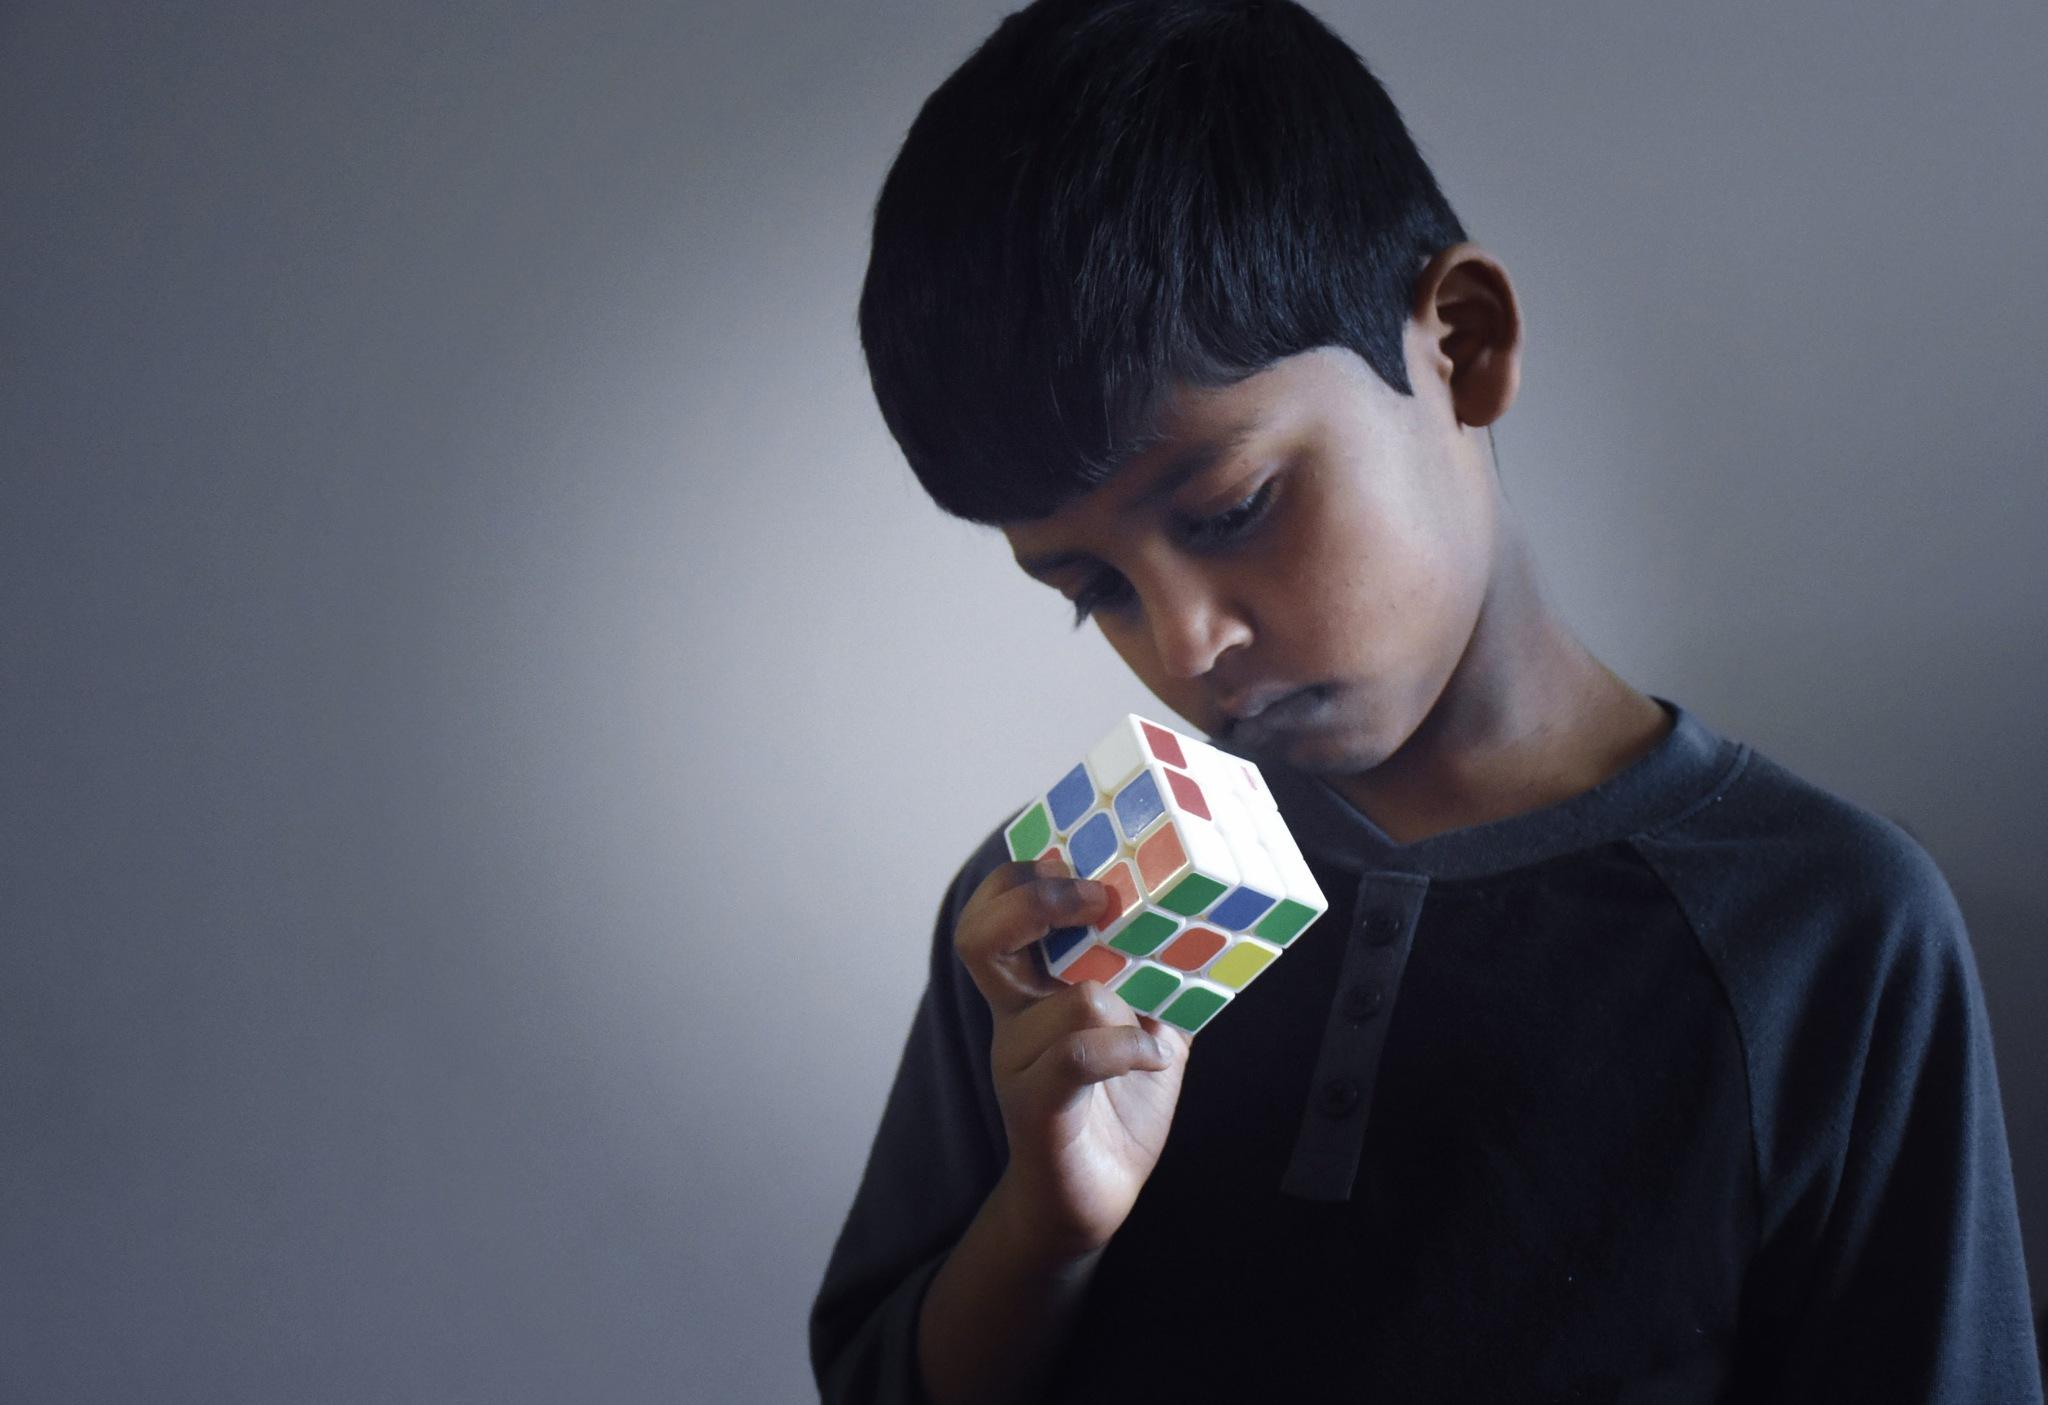 Rubik's Solution by Srinarayanan